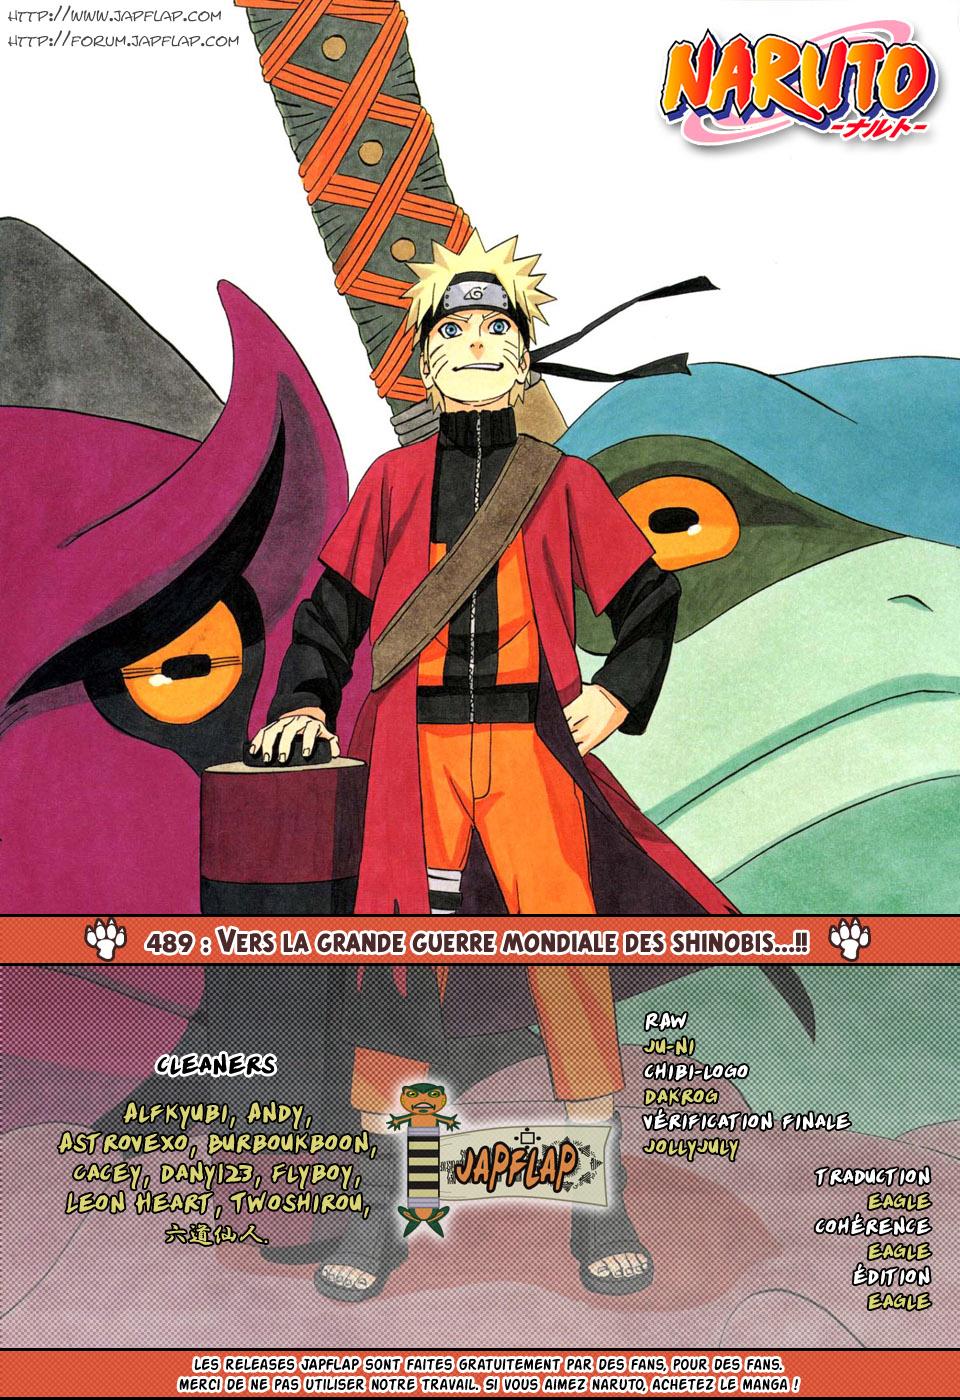 Naruto chapitre 489 - Page 19